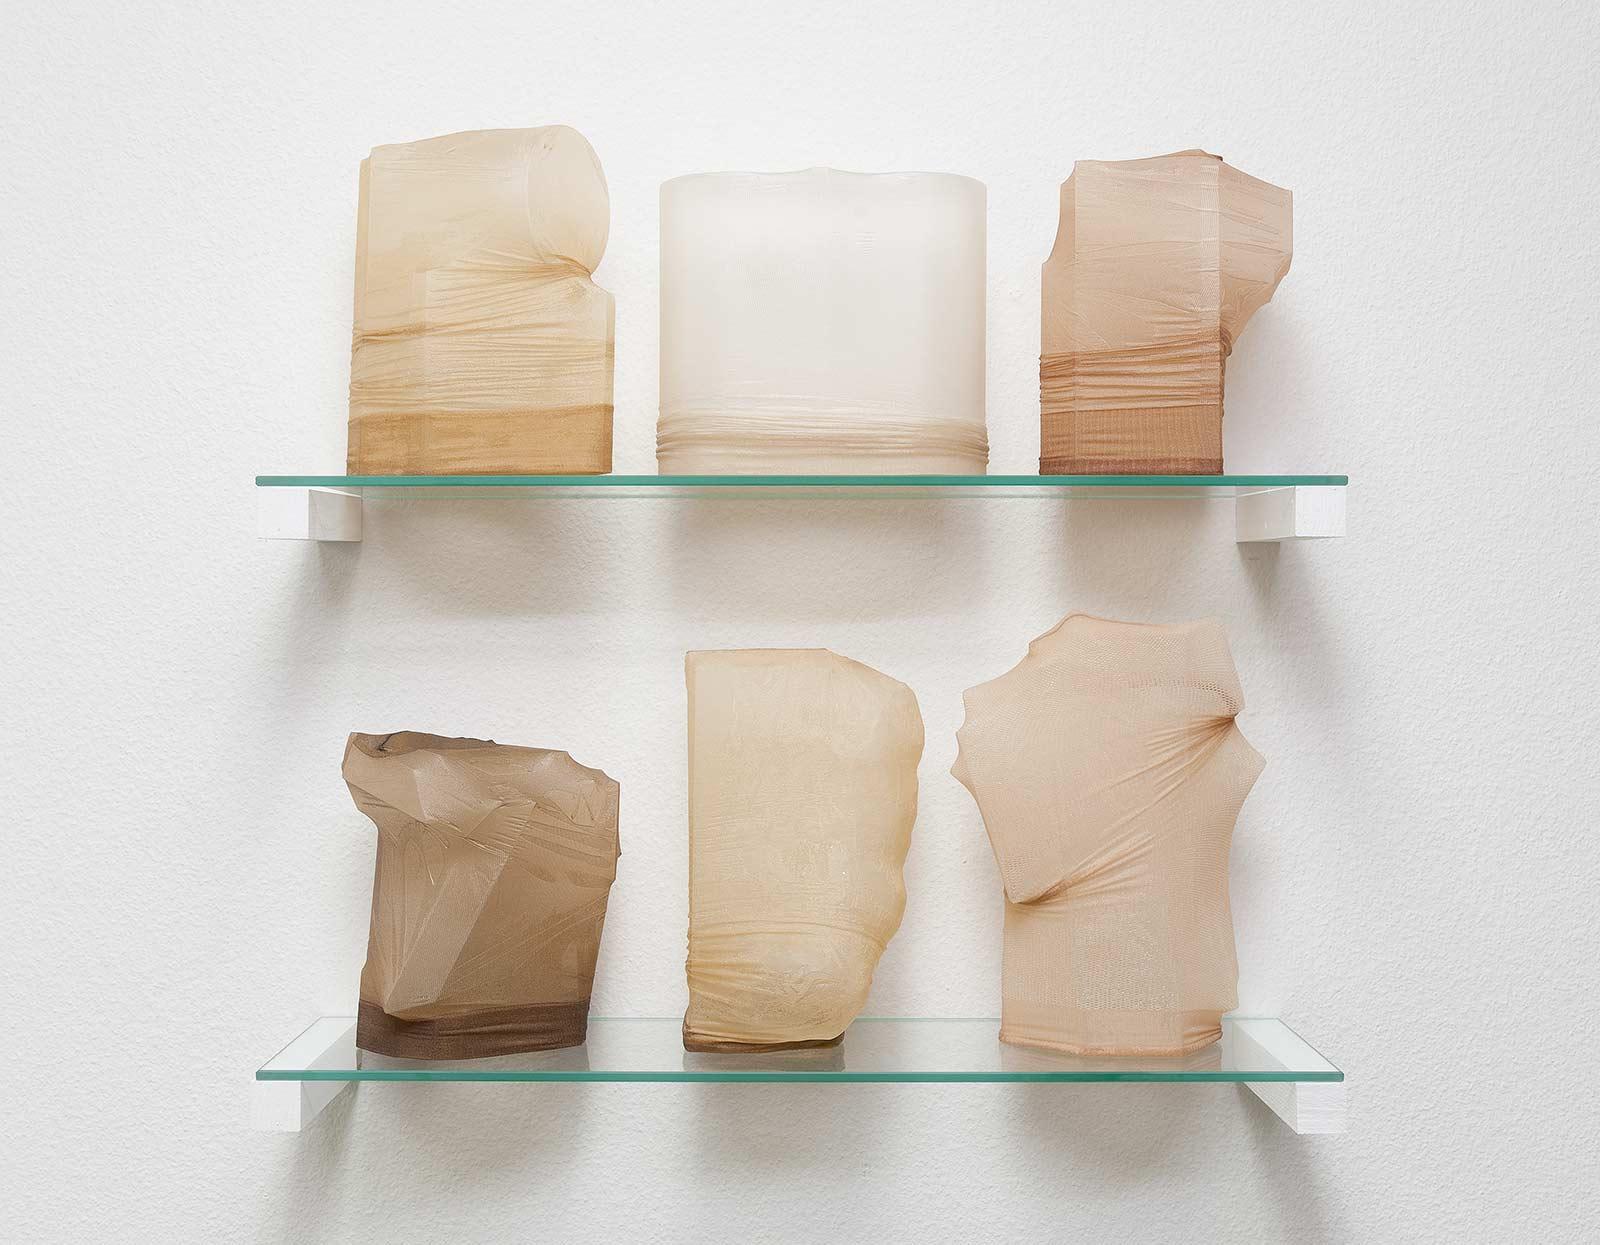 Sechs hohle Objekte aus Polyamid-Strümpfe mit Epoxidharz auf zwei Glastablare